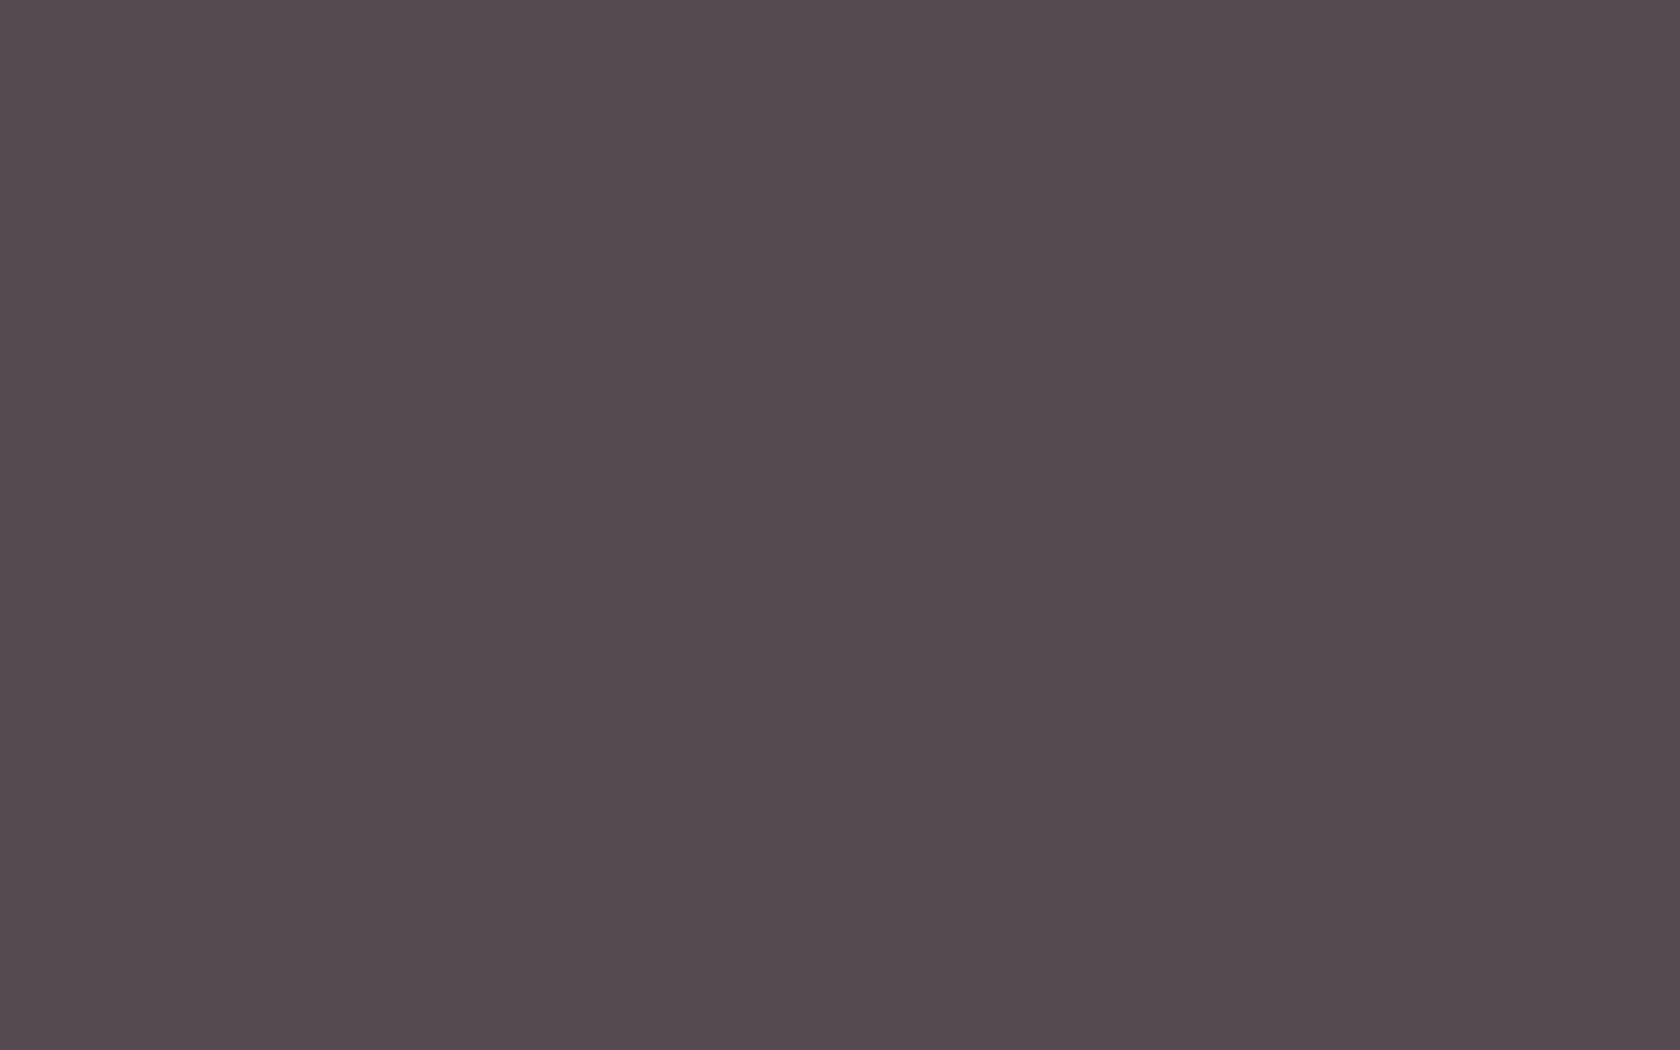 1680x1050 Dark Liver Solid Color Background